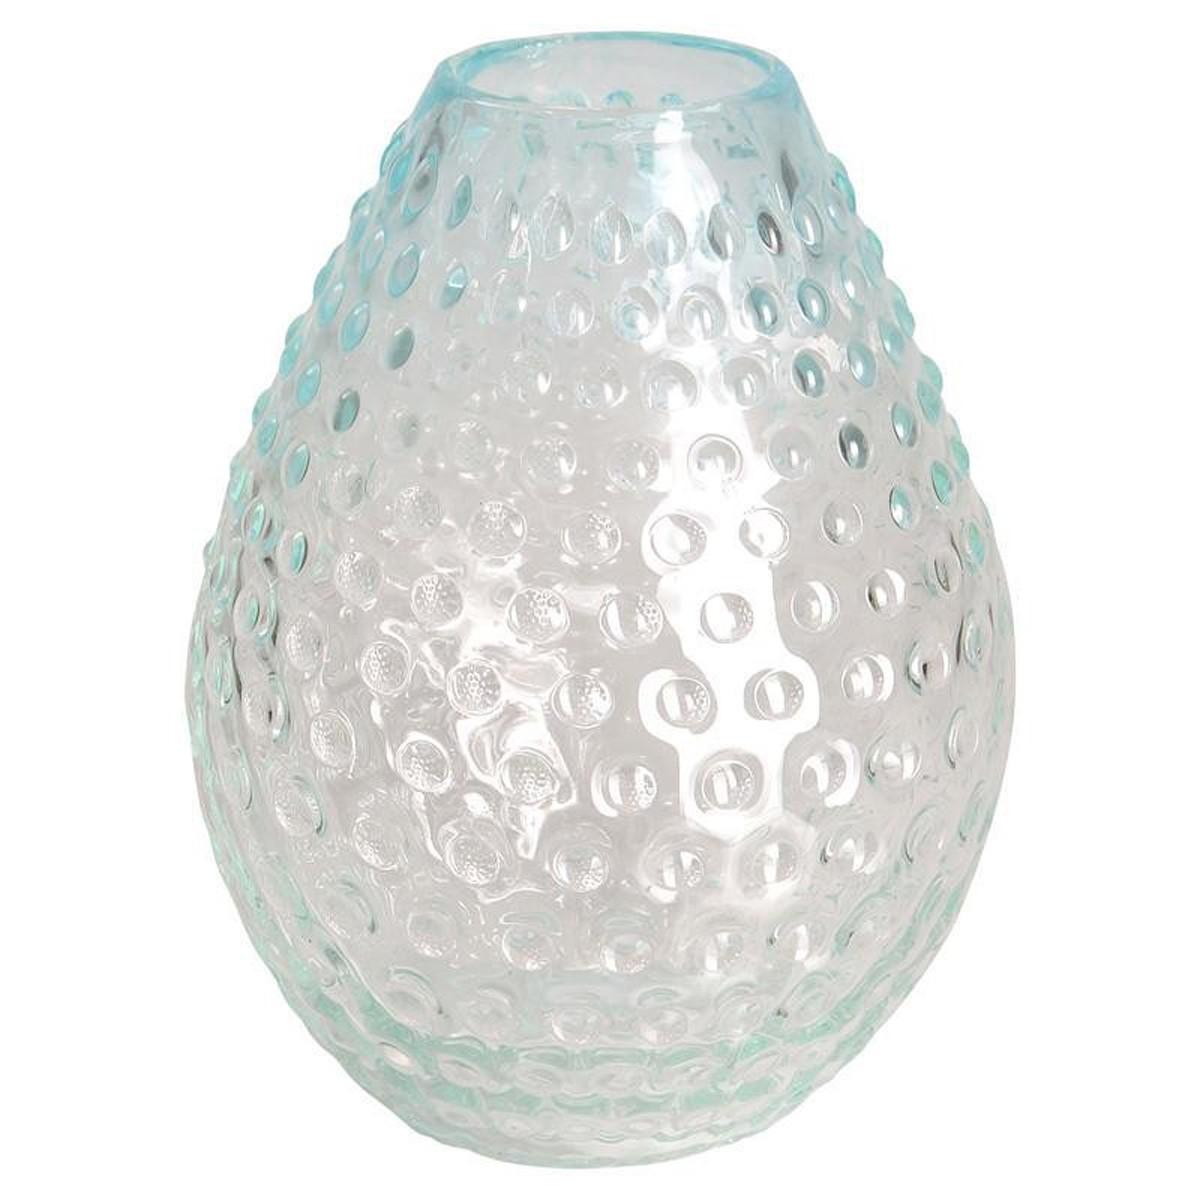 Διακοσμητικό Βάζο InArt Boulders Crystal 3-70-372-0014 54285